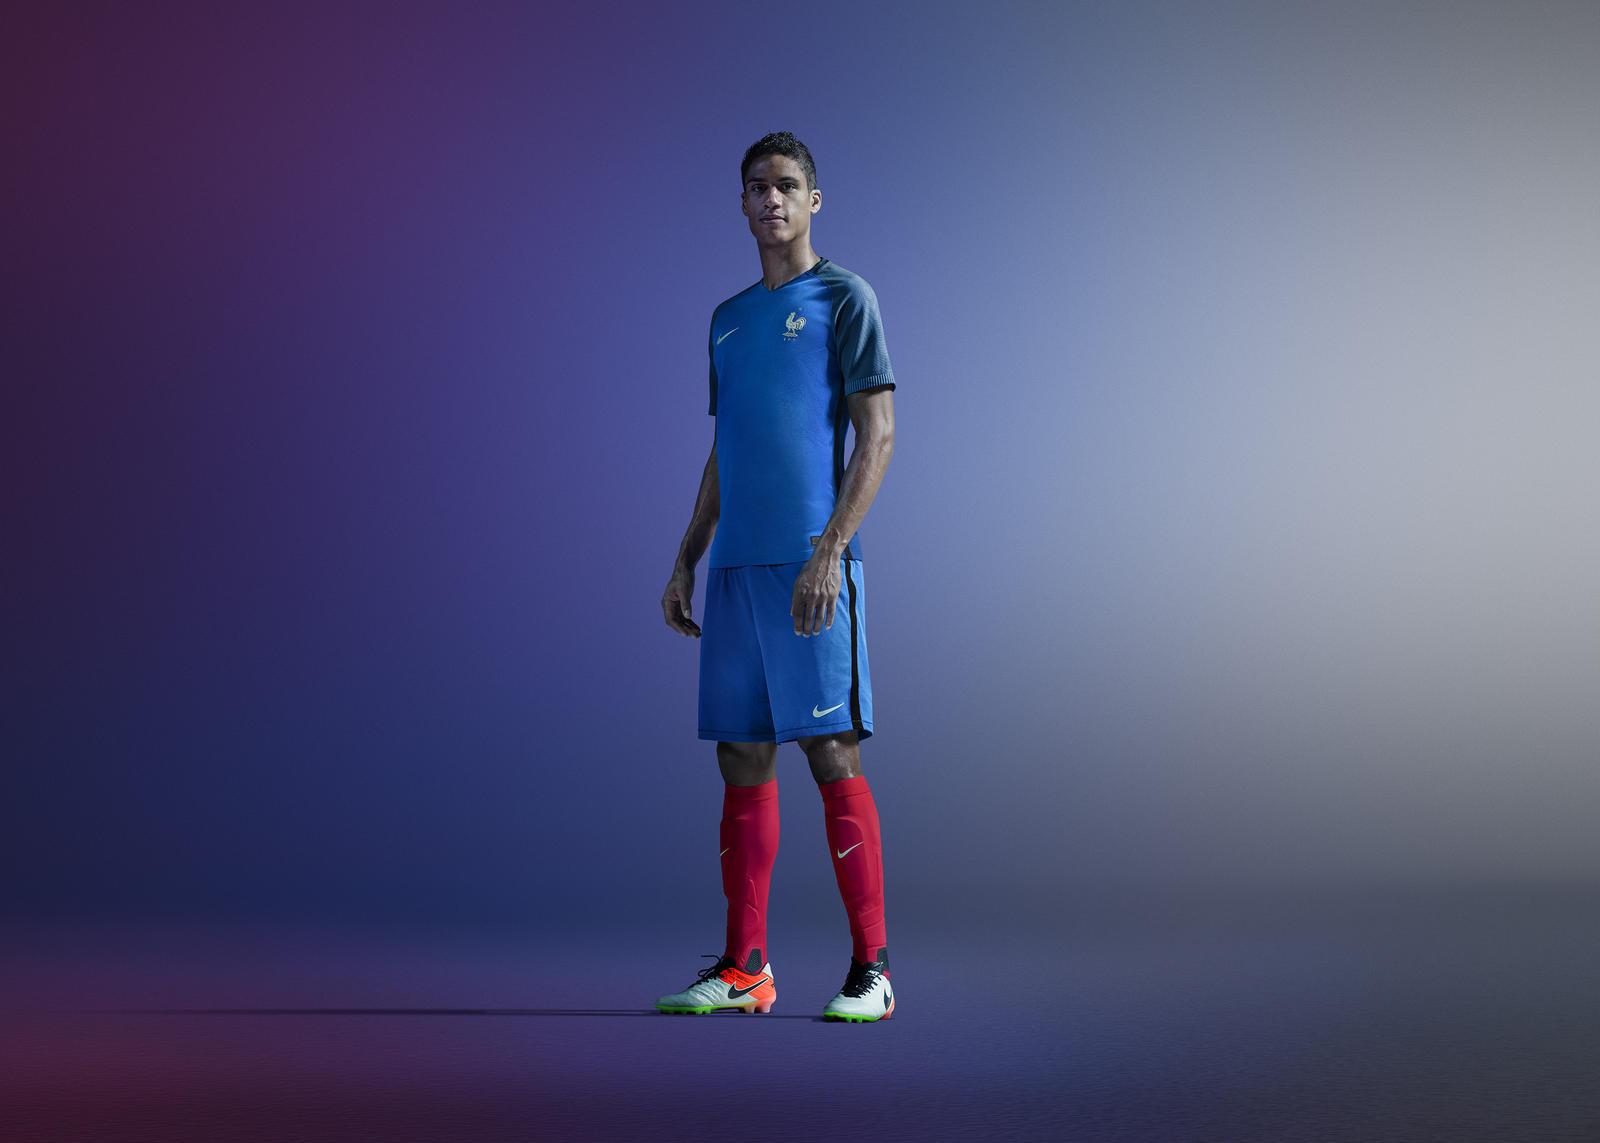 151110 Nike Varane Home S01 017 Hfr2